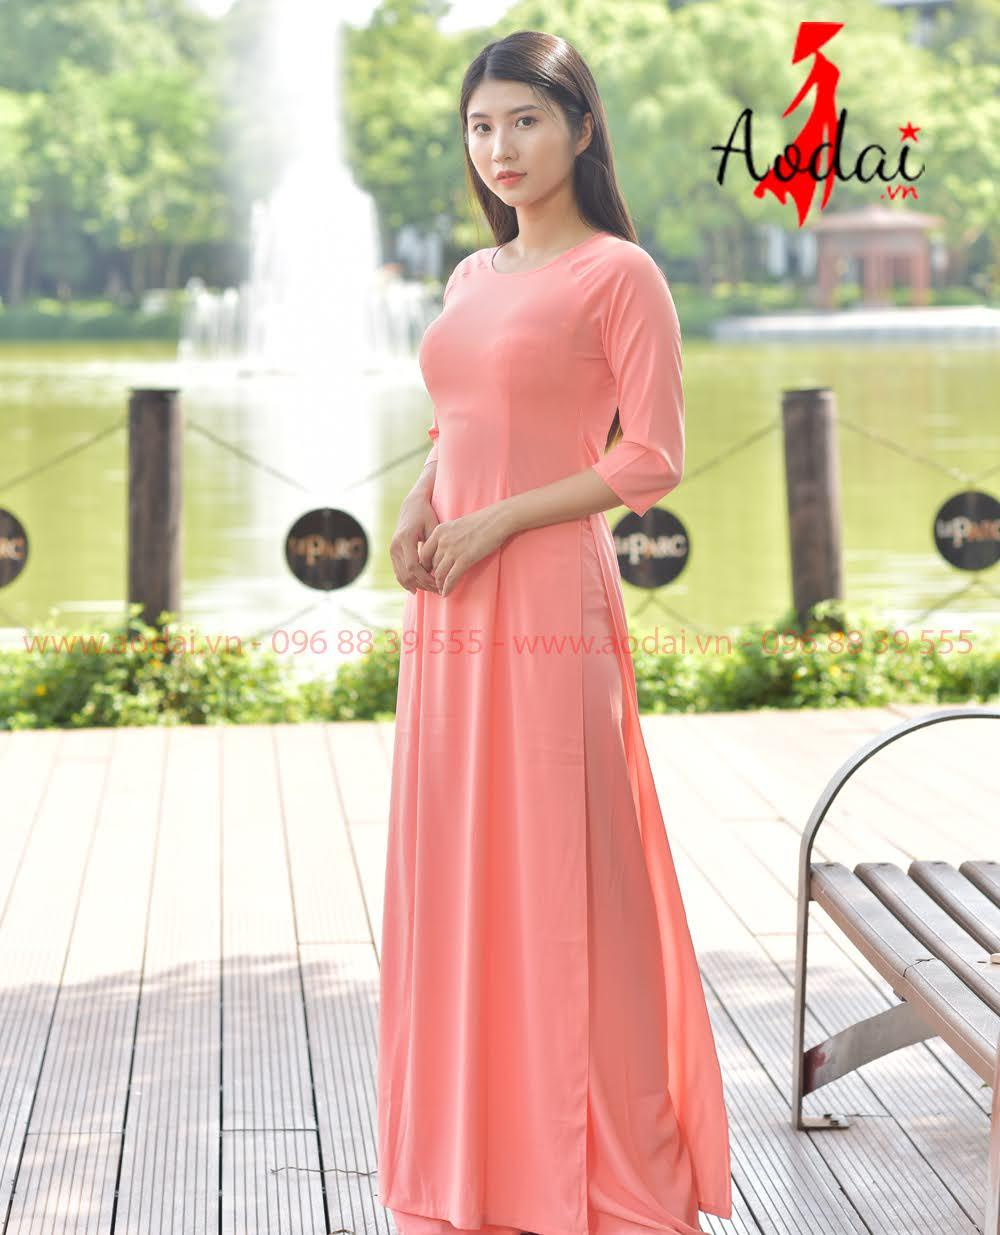 In áo dài tại Phú Xuyên